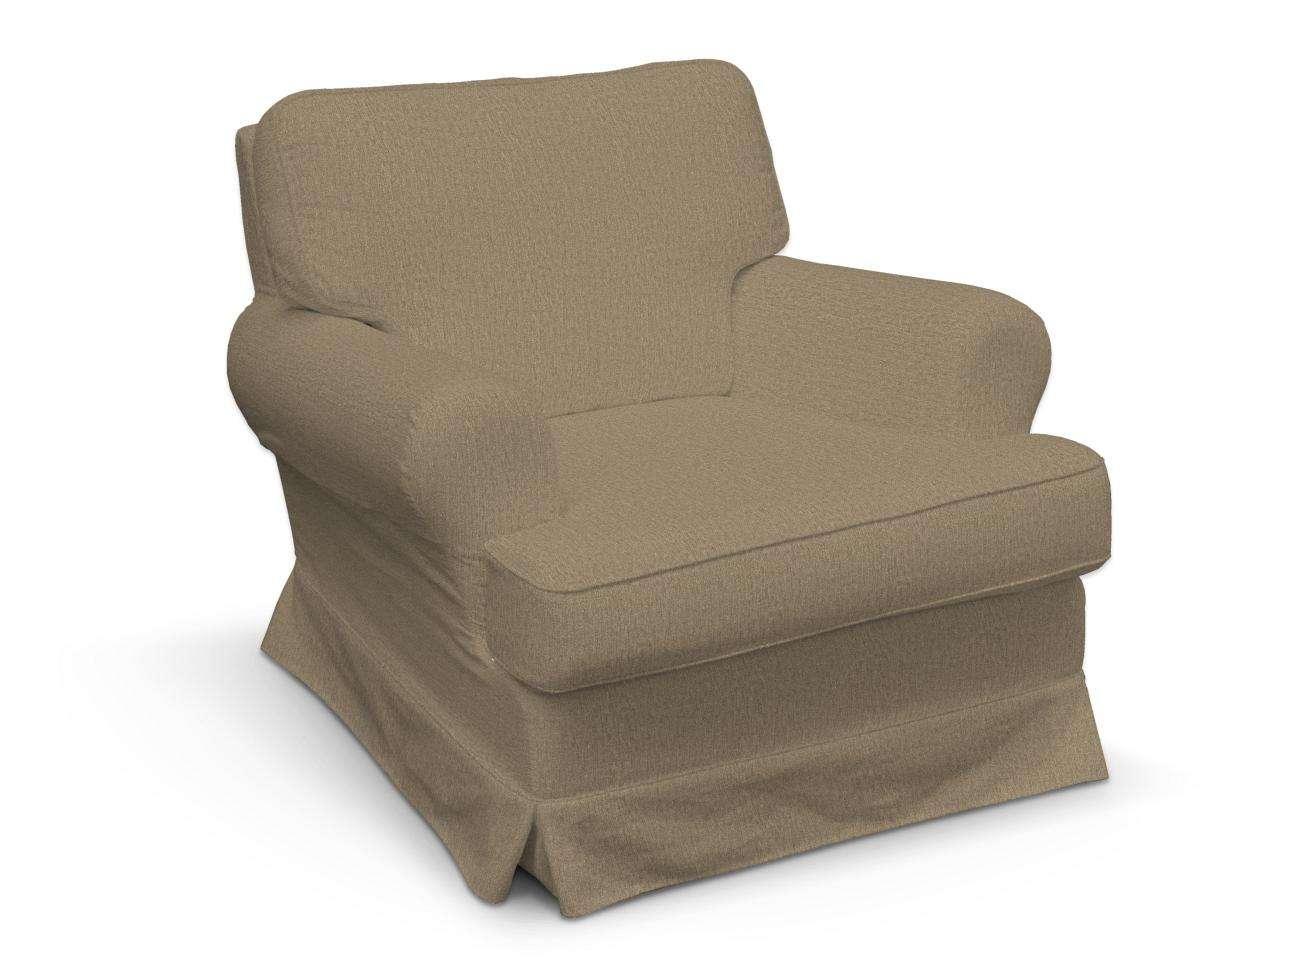 Pokrowiec na fotel Barkaby w kolekcji Chenille, tkanina: 702-21